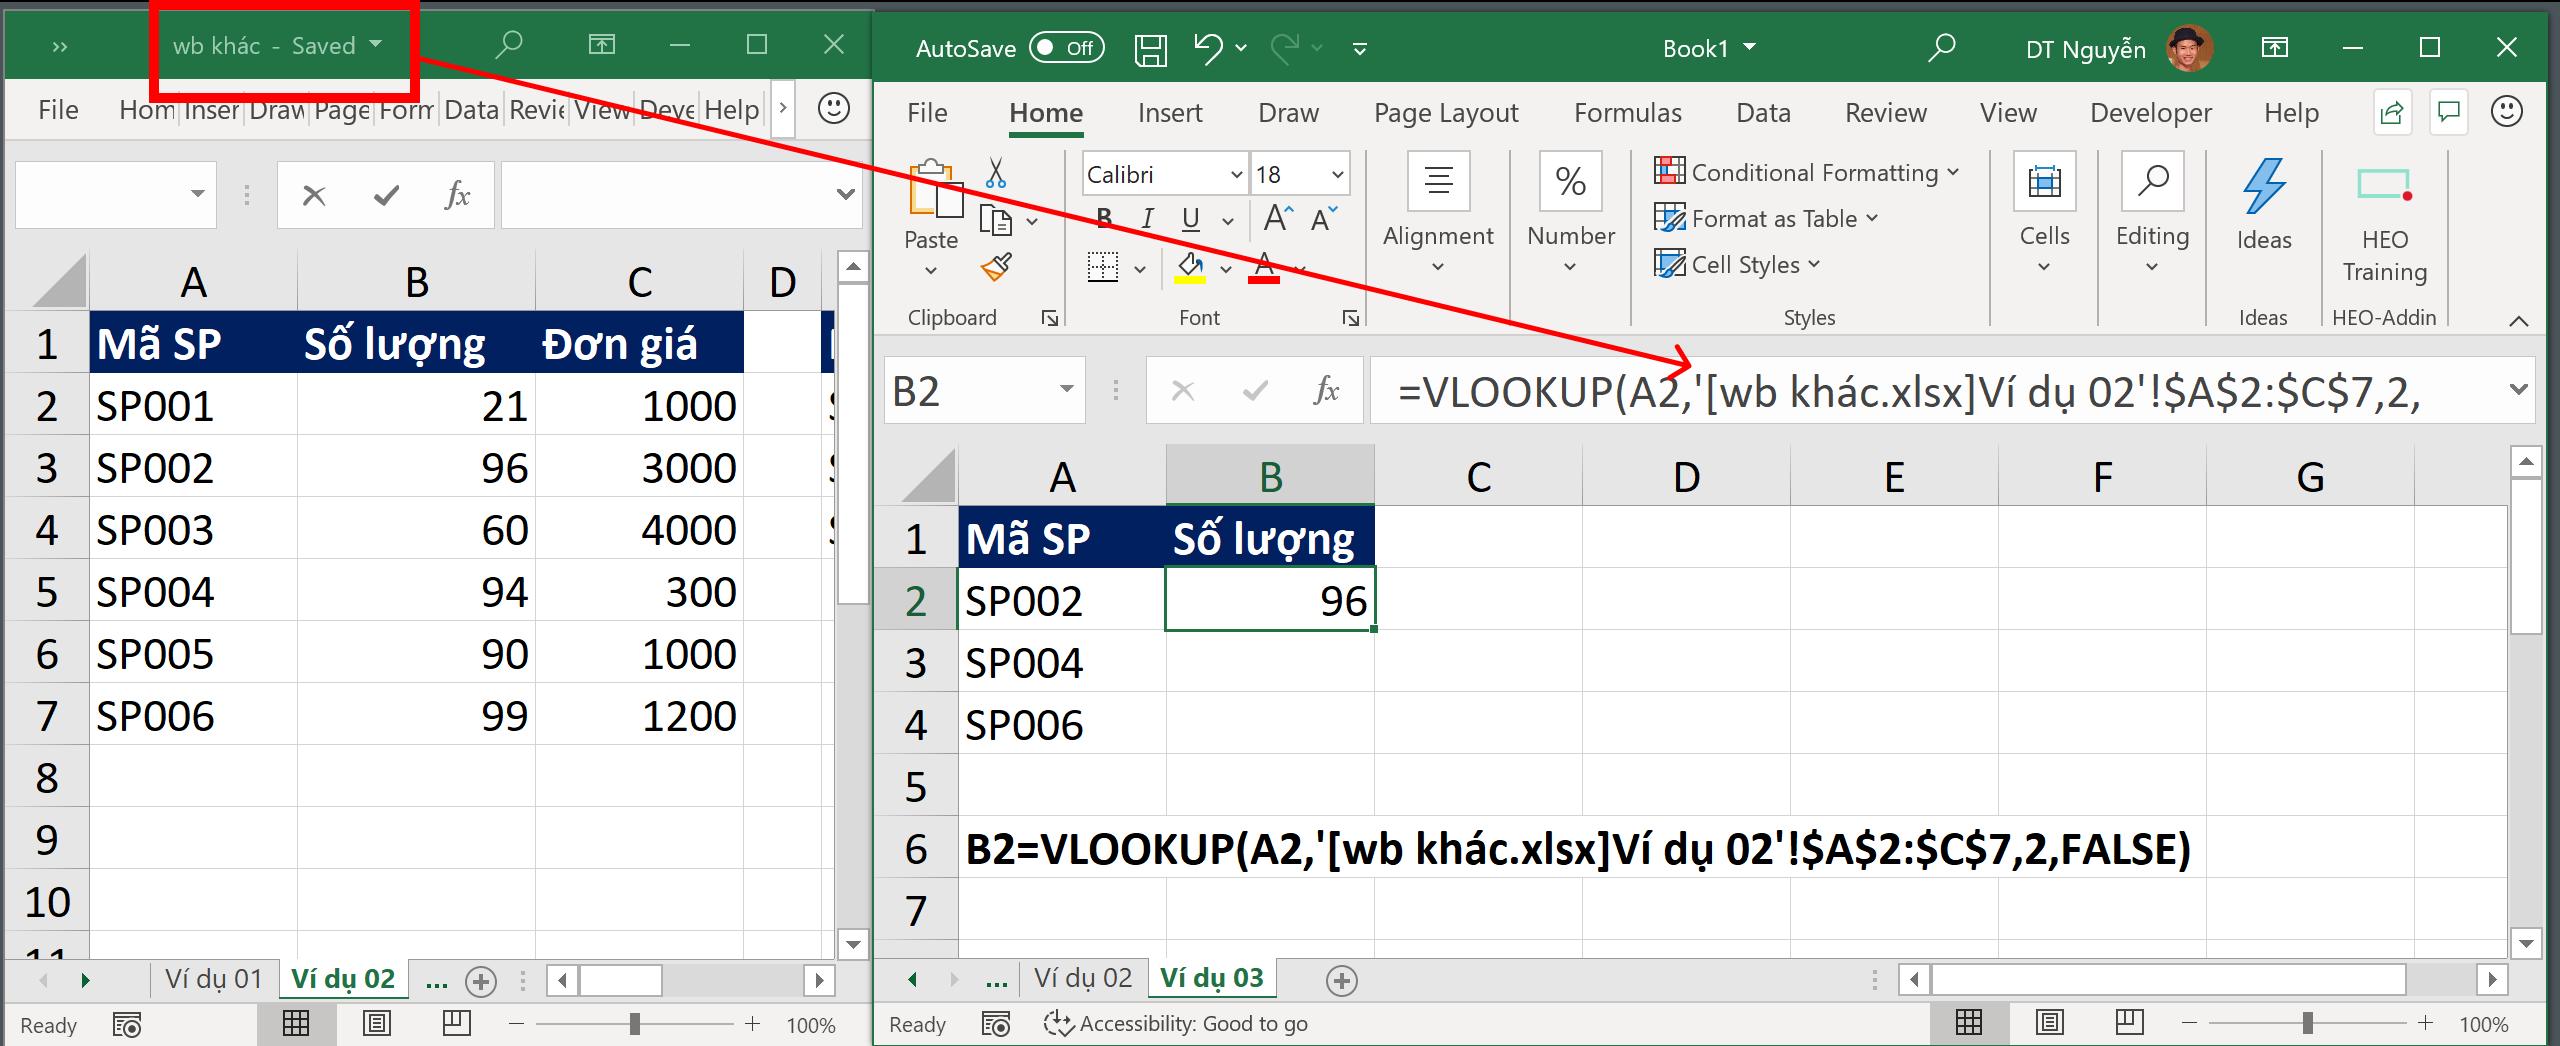 Tra cứu dữ liệu từ file Excel khác